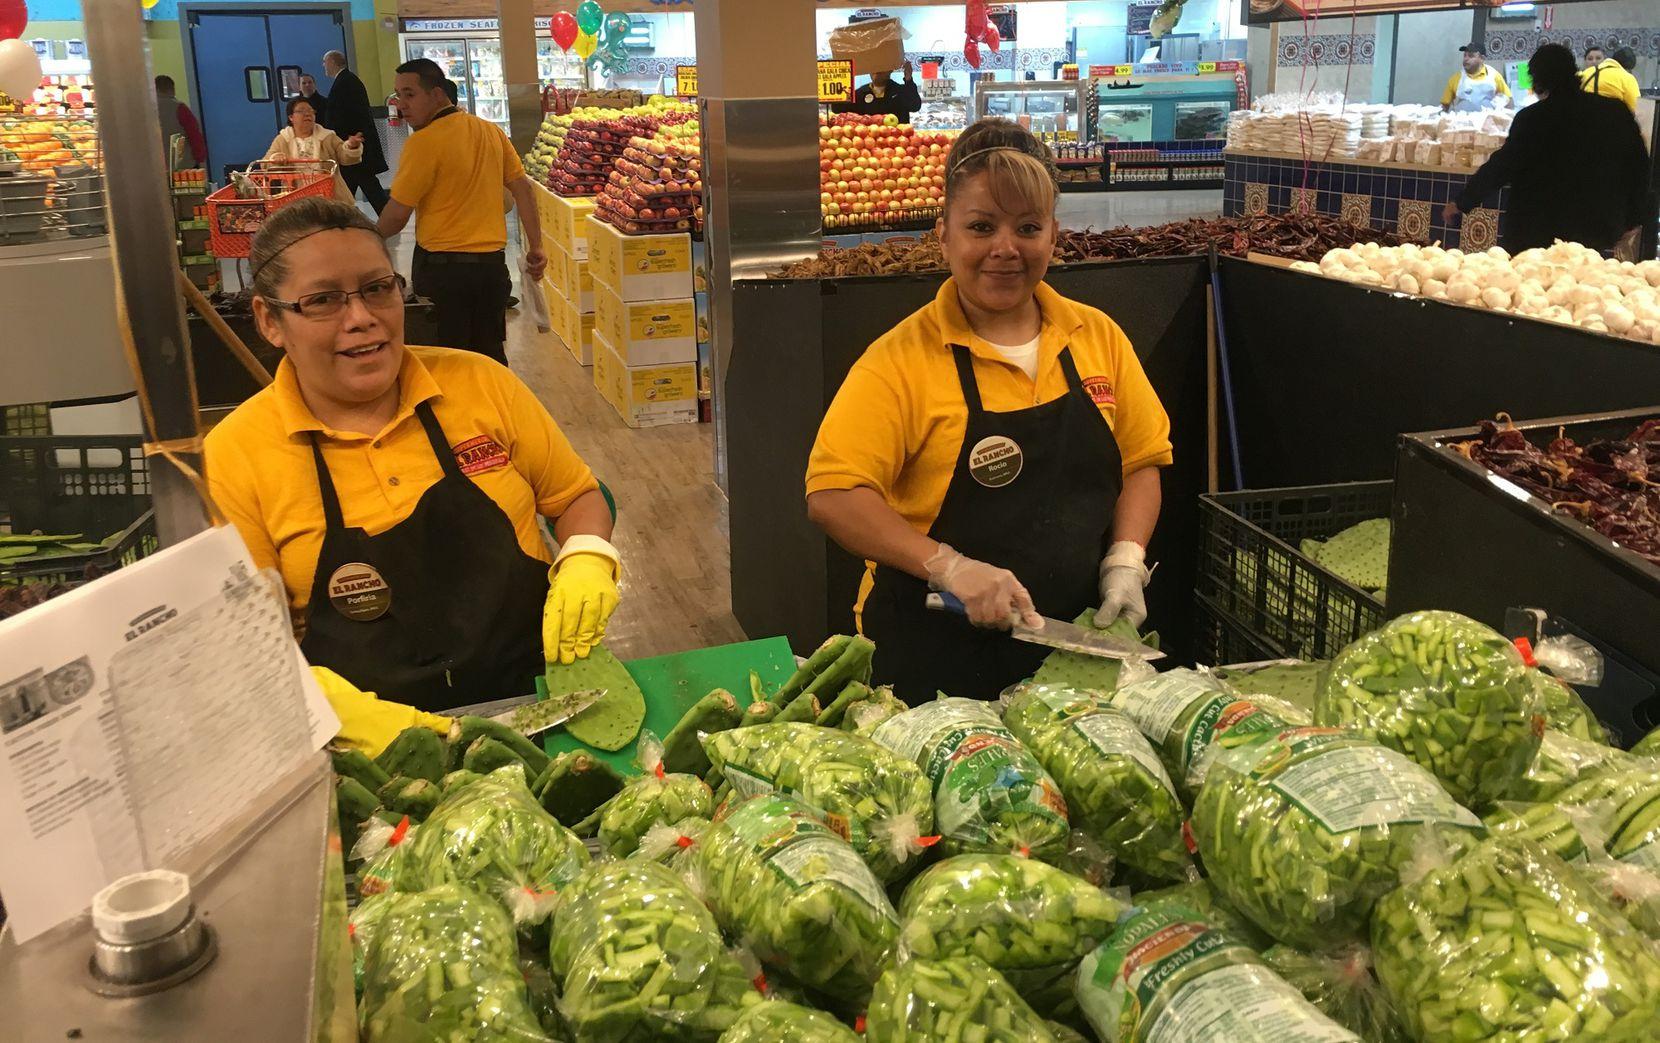 Porfiria Hernández y Rocío Ortiz, dos empleados del supermercado de Pleasant Grove (KARINA RAMÍREZ/AL DÍA)